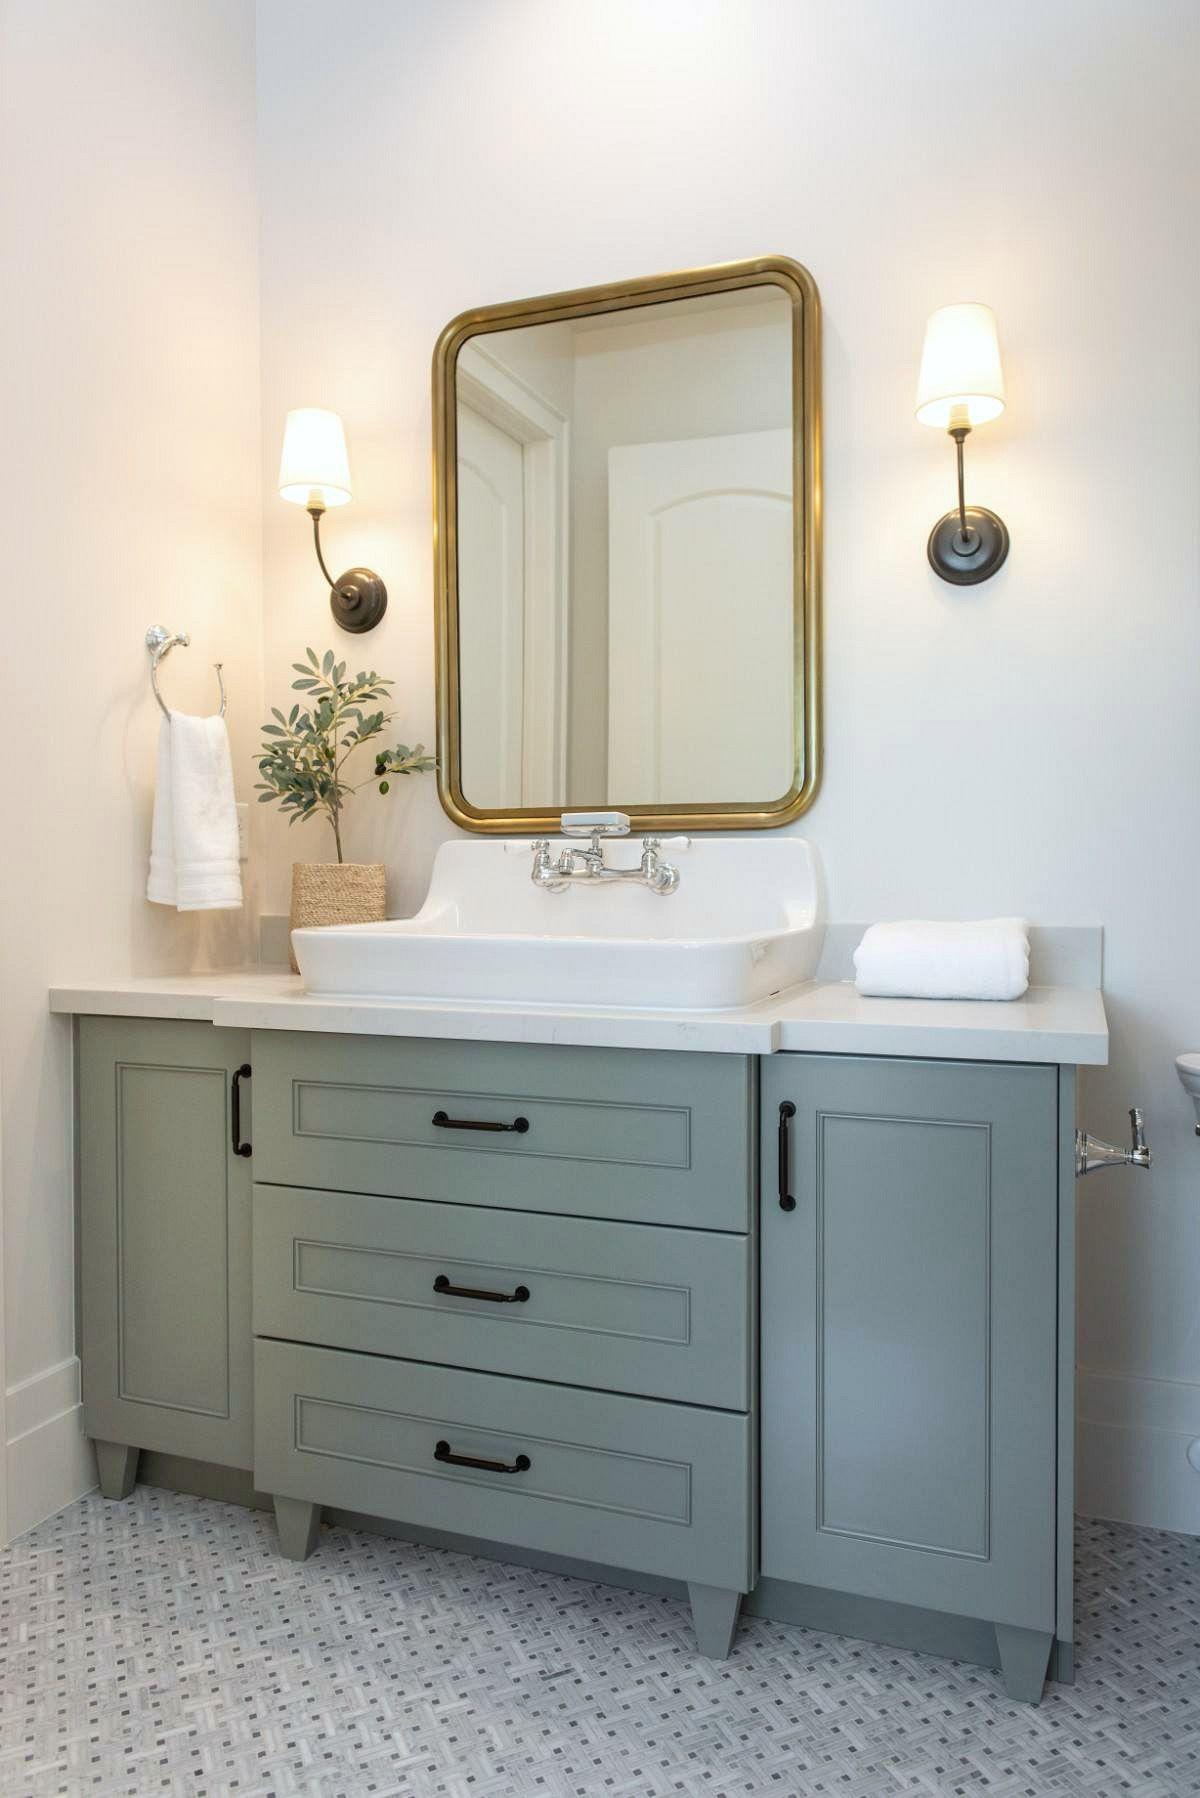 Beautiful European Contemporary Home Tour Bathroom Interior Design Bathroom Inspiration Bathroom Design